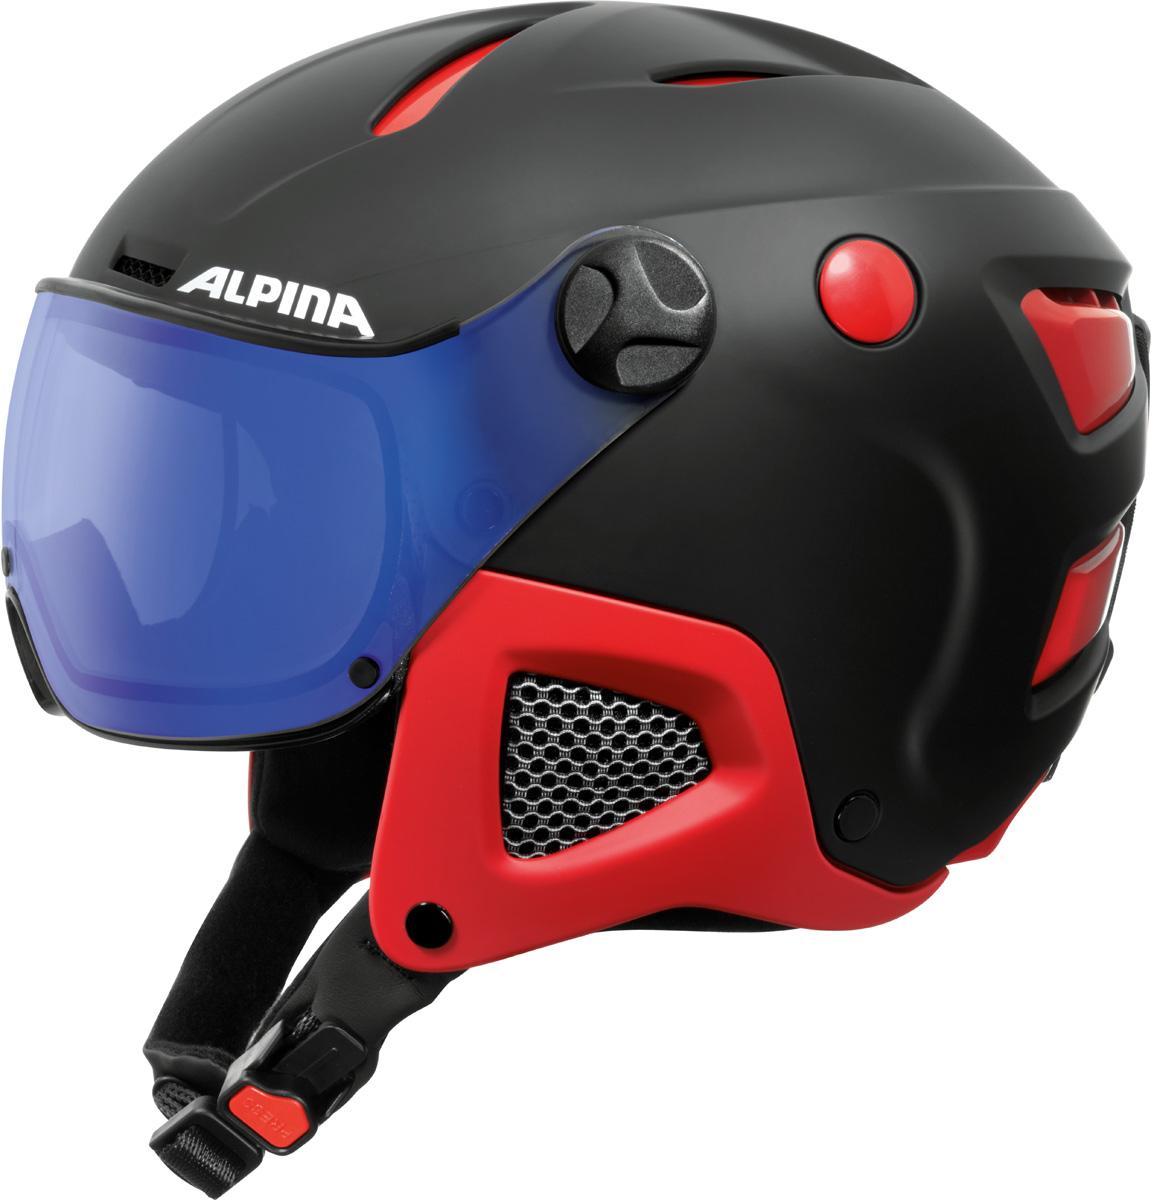 Шлем горнолыжный Alpina Attelas Visor VHM, цвет: черный, красный. A9091_32. Размер 53-58A9091_32Первый шлем, который может менять свой объем. Запатентованная ERGO3 - это новая и уникальная технология которая позволяет изменять конструкцию шлема для изменения объема. Простая и интуитивная настройка позволяет идеально подогнать размер под любую формы головы. Жесткие уши, качественная кожа и ткань - интерьер этого жесткого шлема также обеспечит идеально высокий уровень комфорта износ. Ткань Coolmax обеспечивает быстрый отвод влаги. Вентиляцию можно раскрыть или закрыть одним движением -даже во время ношения перчаток и во время высокоскоростных спусков. Varioflex - технология позволяет визору адаптировать свой оттенок к преобладающие условия освещения. Визор имеет вентиляцию - без подкладки пены внизу, что позволяет носить очки внутри шлема. Уровень защиты Визора: S1-2.Что взять с собой на горнолыжную прогулку: рассказывают эксперты. Статья OZON Гид